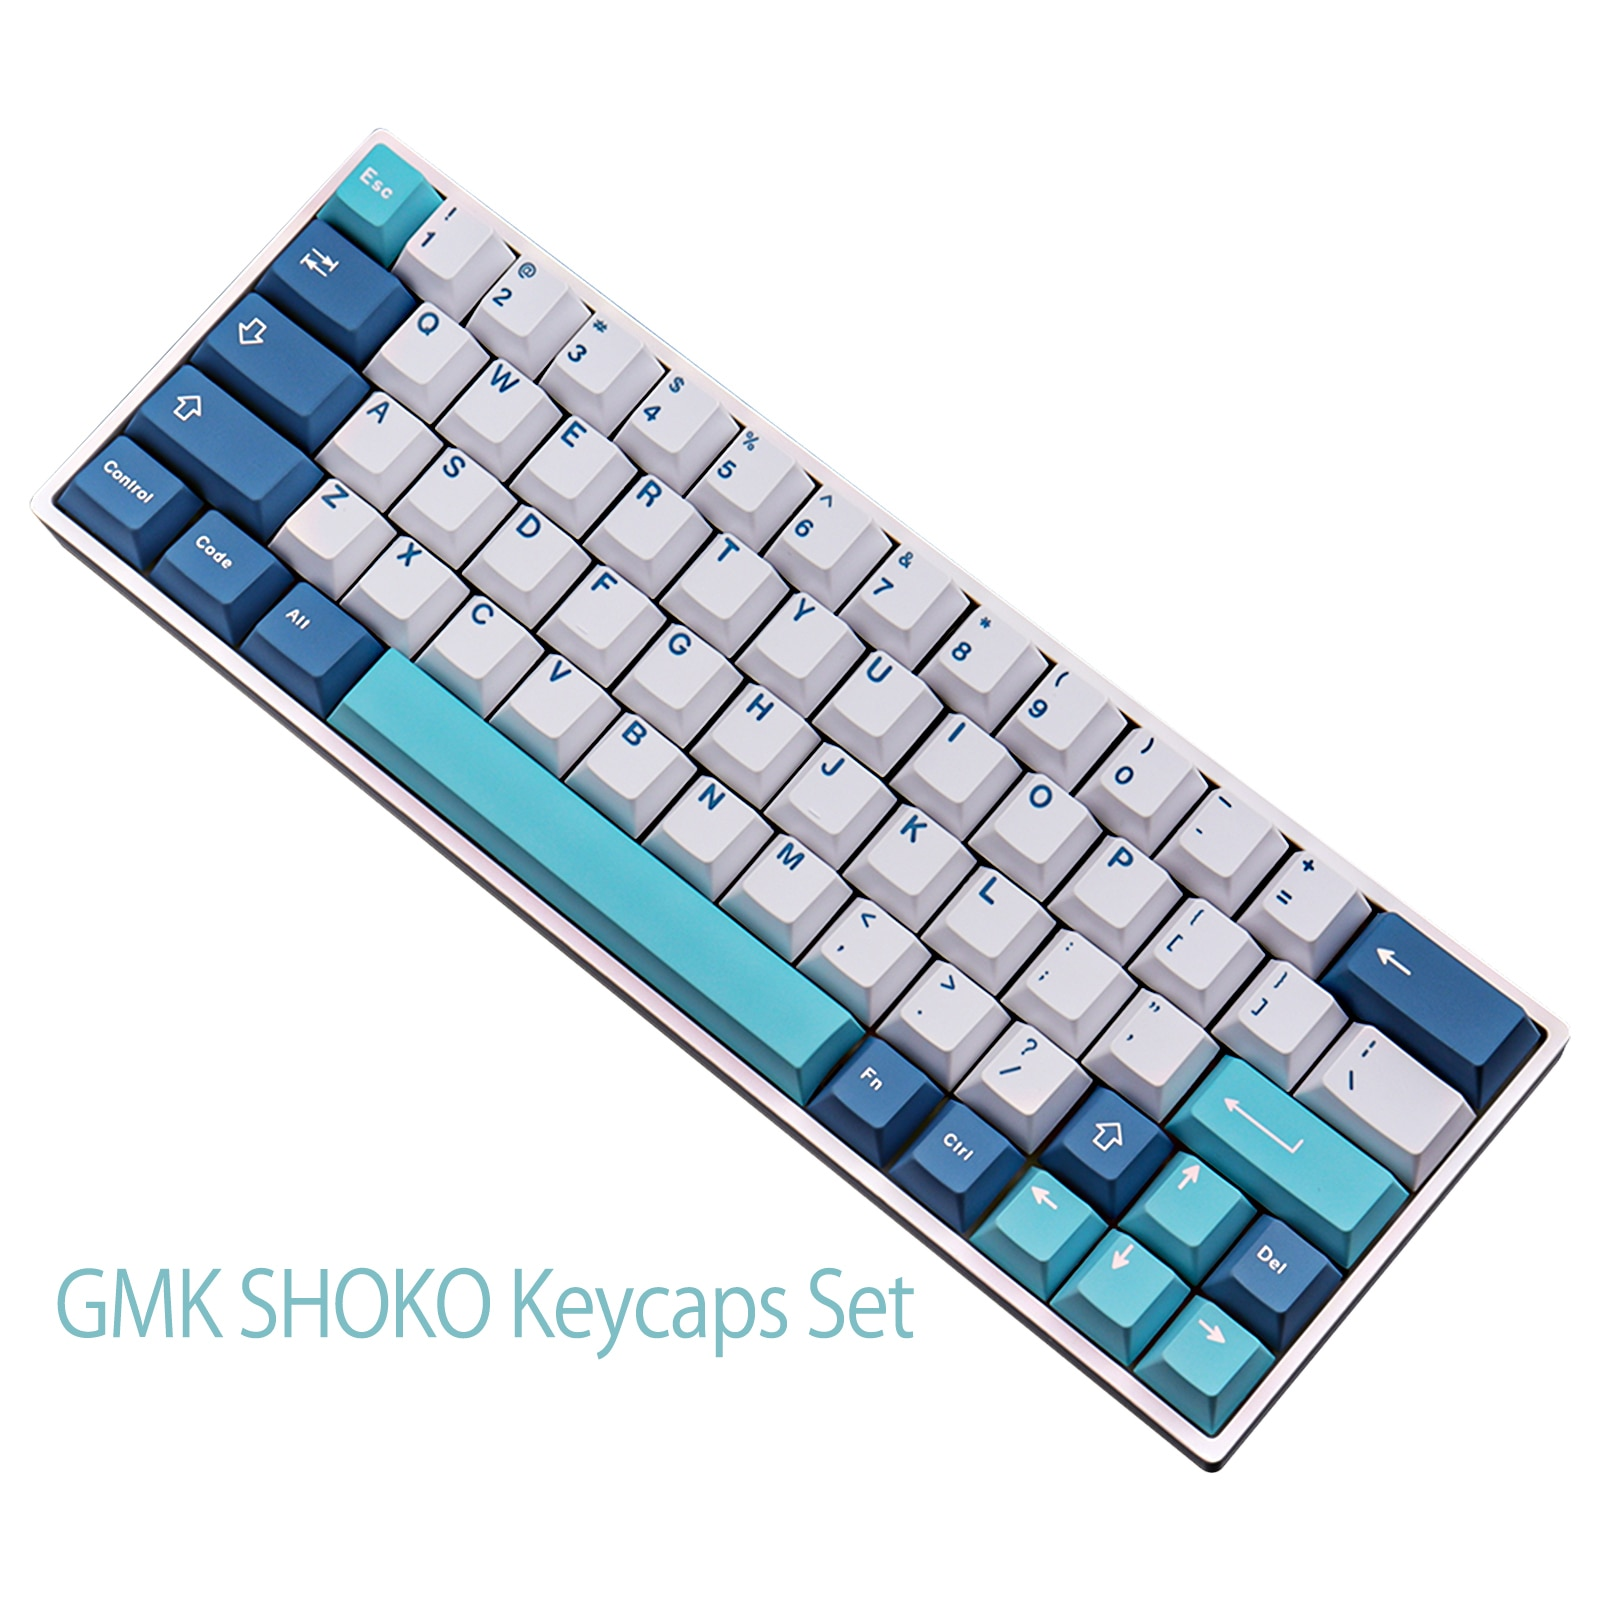 Колпачки для клавиш PBT, колпачки для клавиатуры с краской в виде вишневого профиля, колпачки для механической клавиатуры GMK SHOKO с колпачками ...